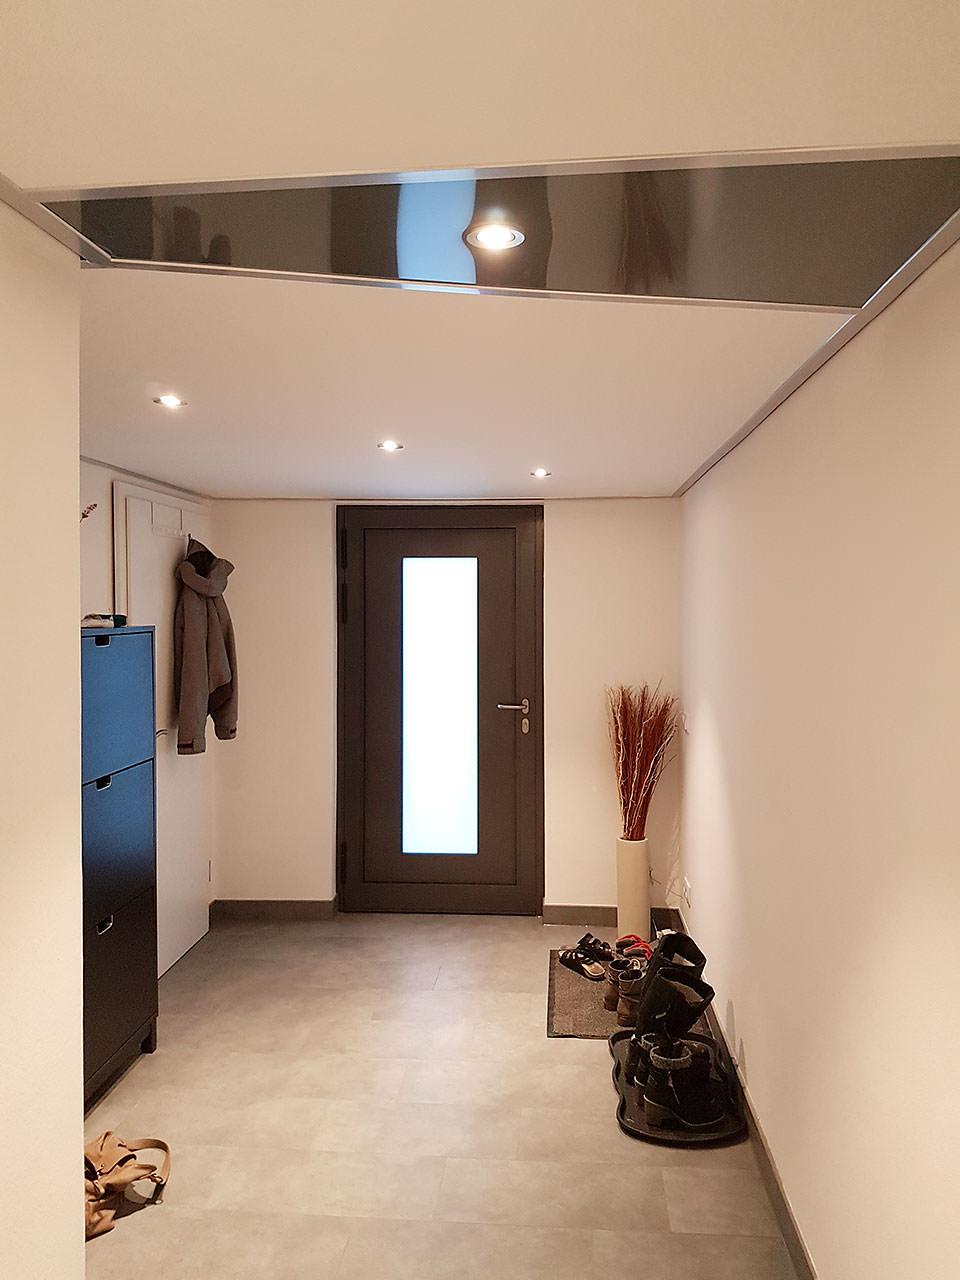 Full Size of Decke Gestalten Flur Neu Wohnzimmer Decken Led Deckenleuchte Deckenlampe Schlafzimmer Moderne Im Bad Modern Lampe Badezimmer Küche Wohnzimmer Decke Gestalten